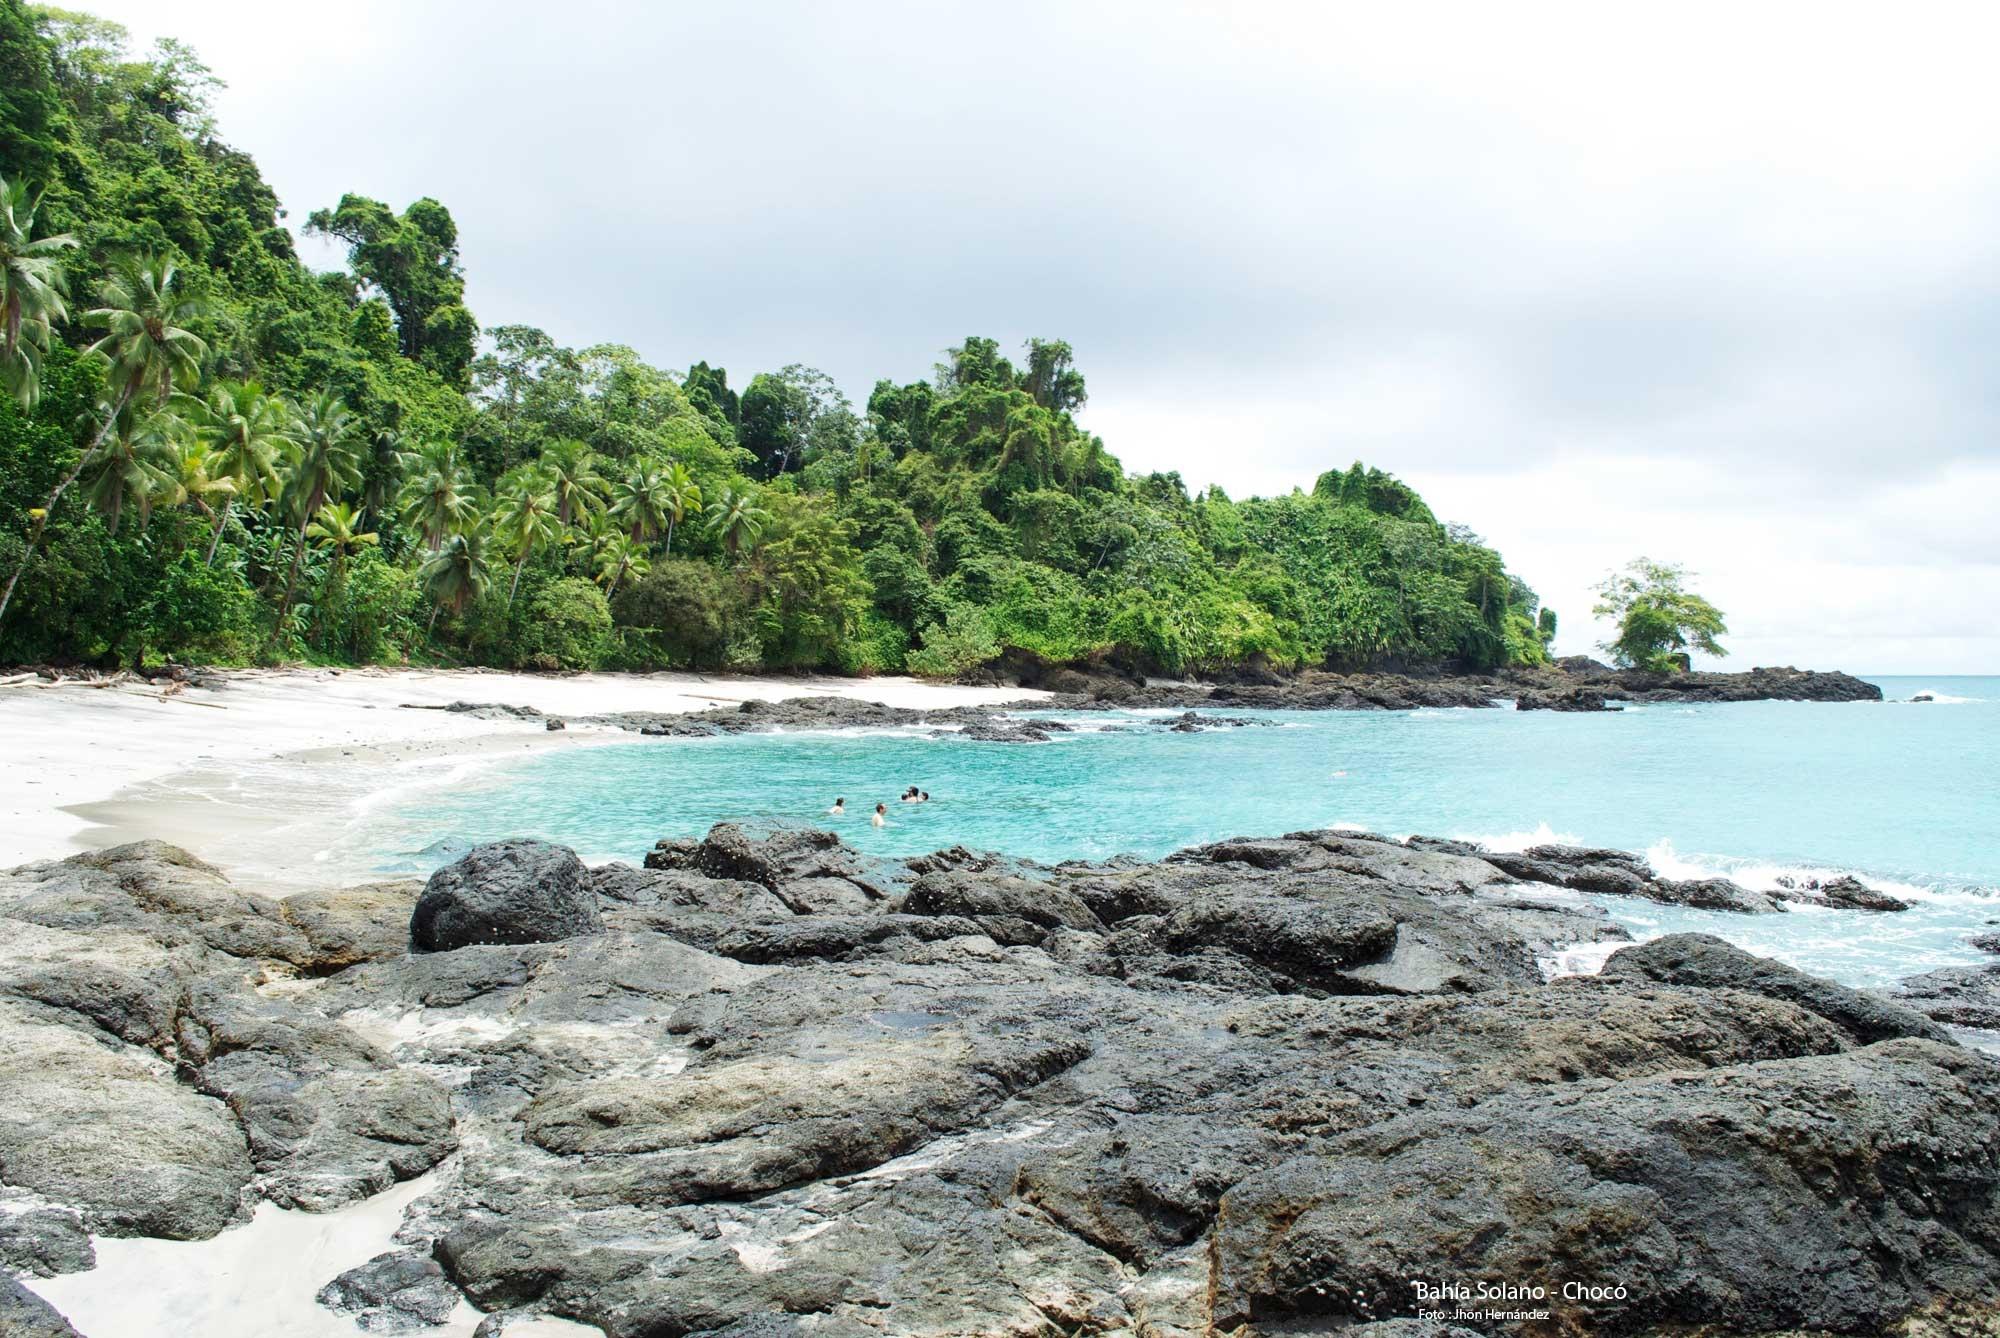 Bahía Solano. Foto: deturismoporcolombia.com